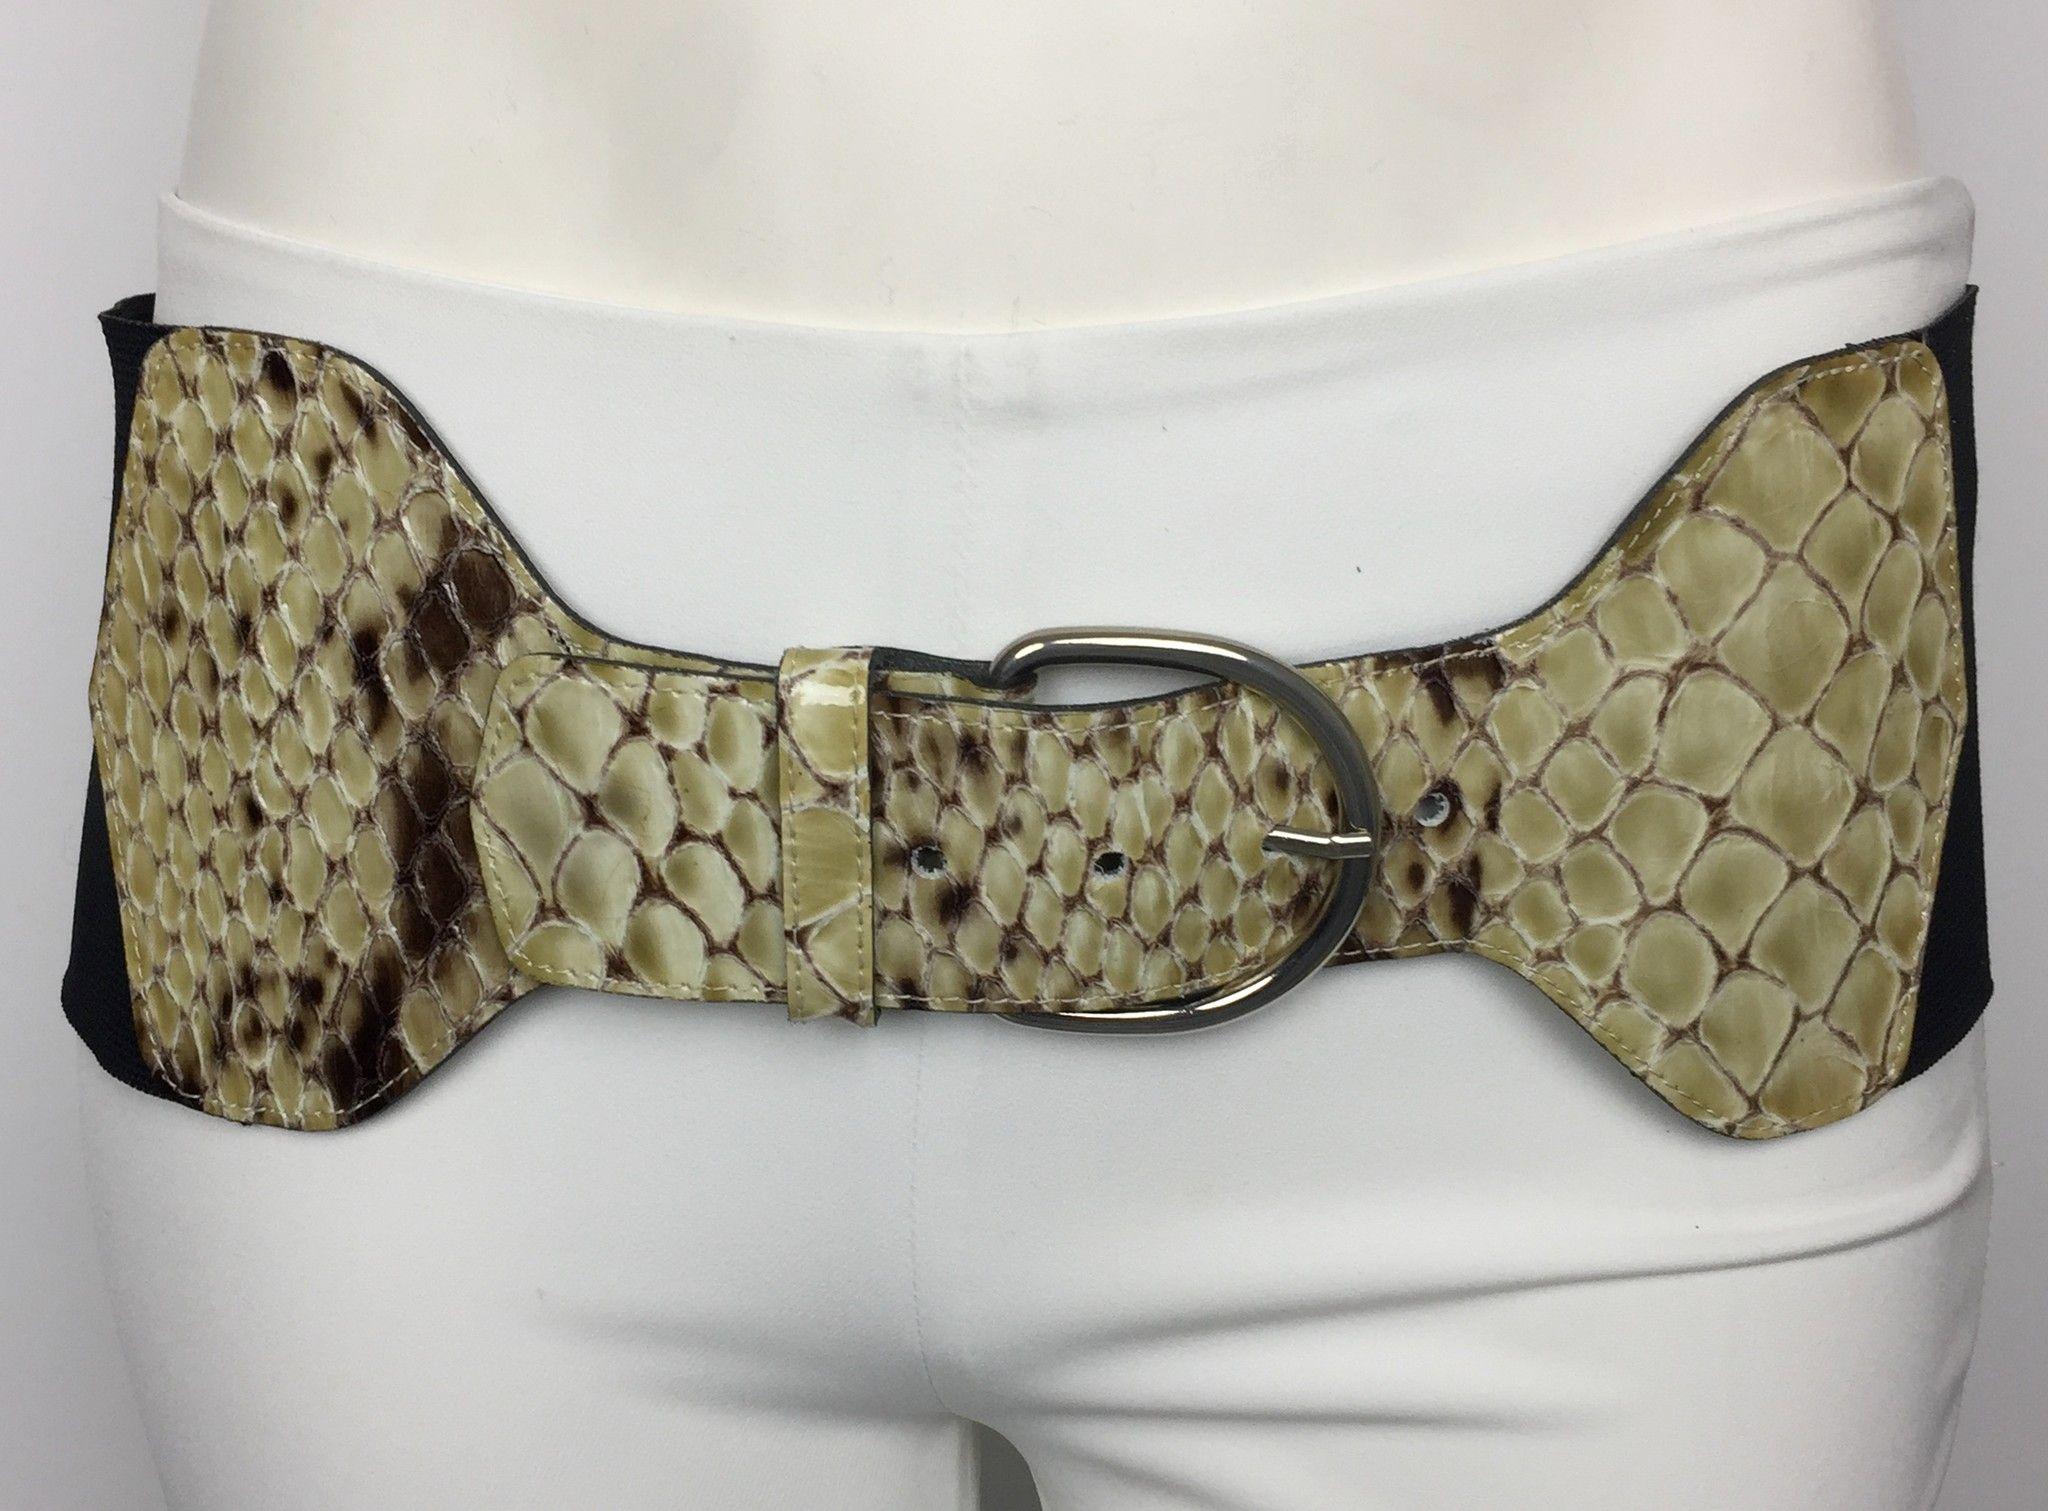 Cintura LadyBug Elasticizzata con Inserti in Vera Pelle Stampa Cocco Cod.9456